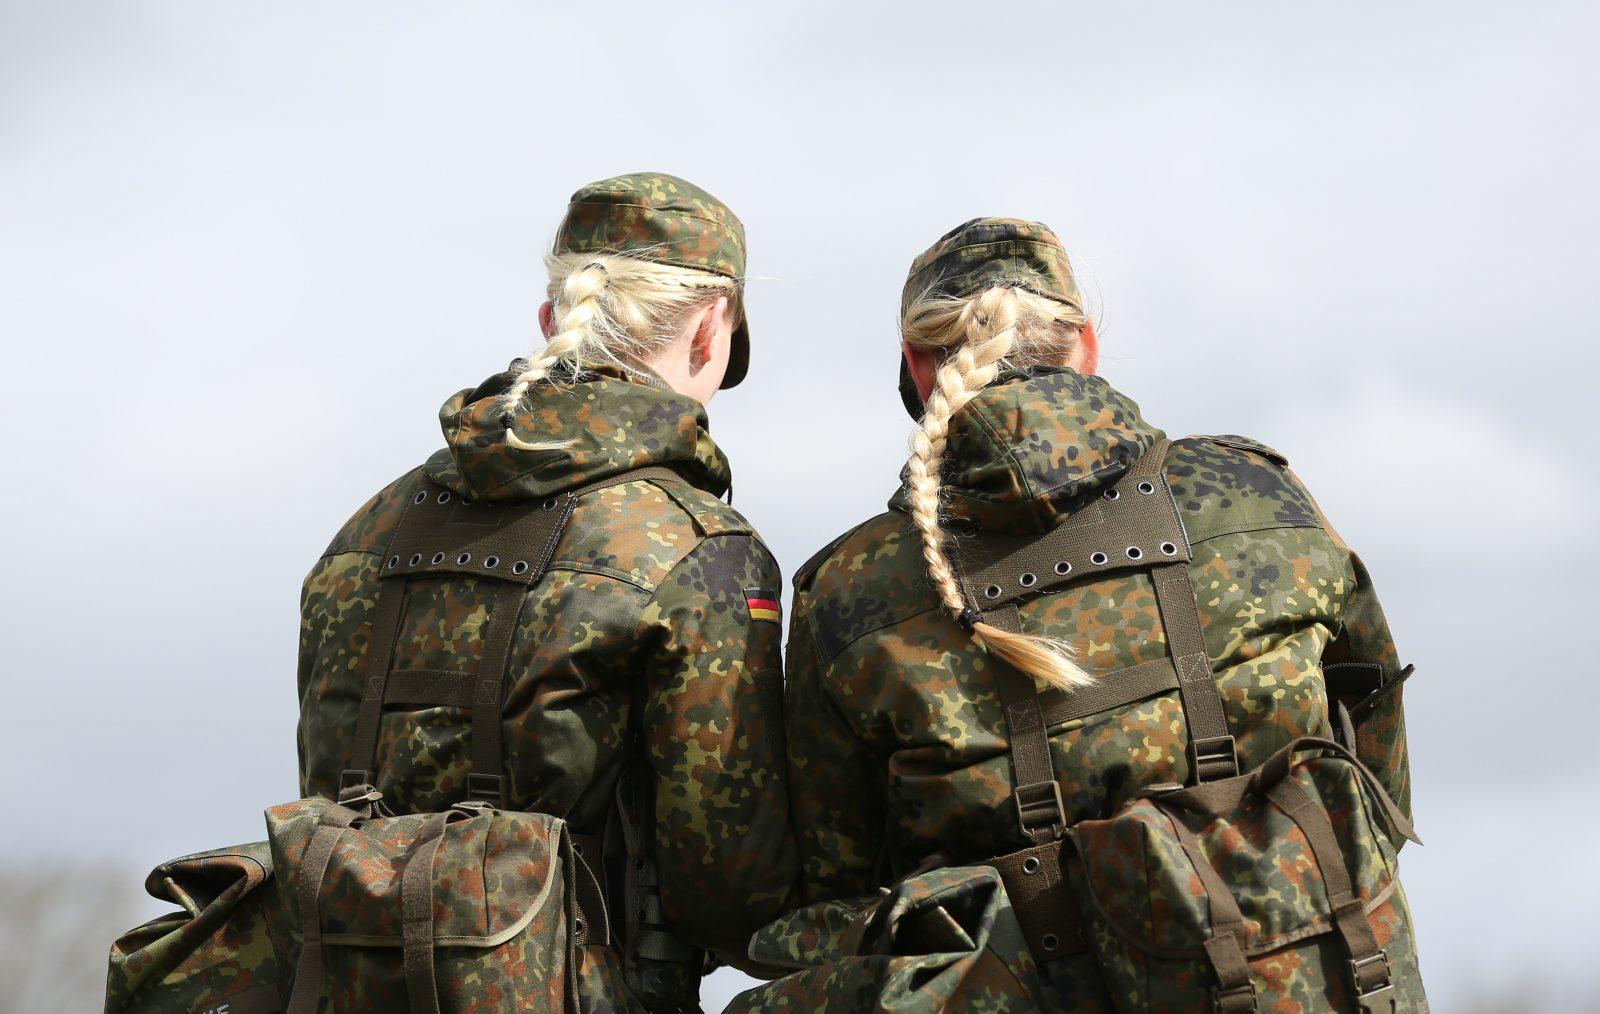 Soldatinnen der Bundeswehr: Künftig soll es weibliche Dienstgrade geben Foto: (c) dpa